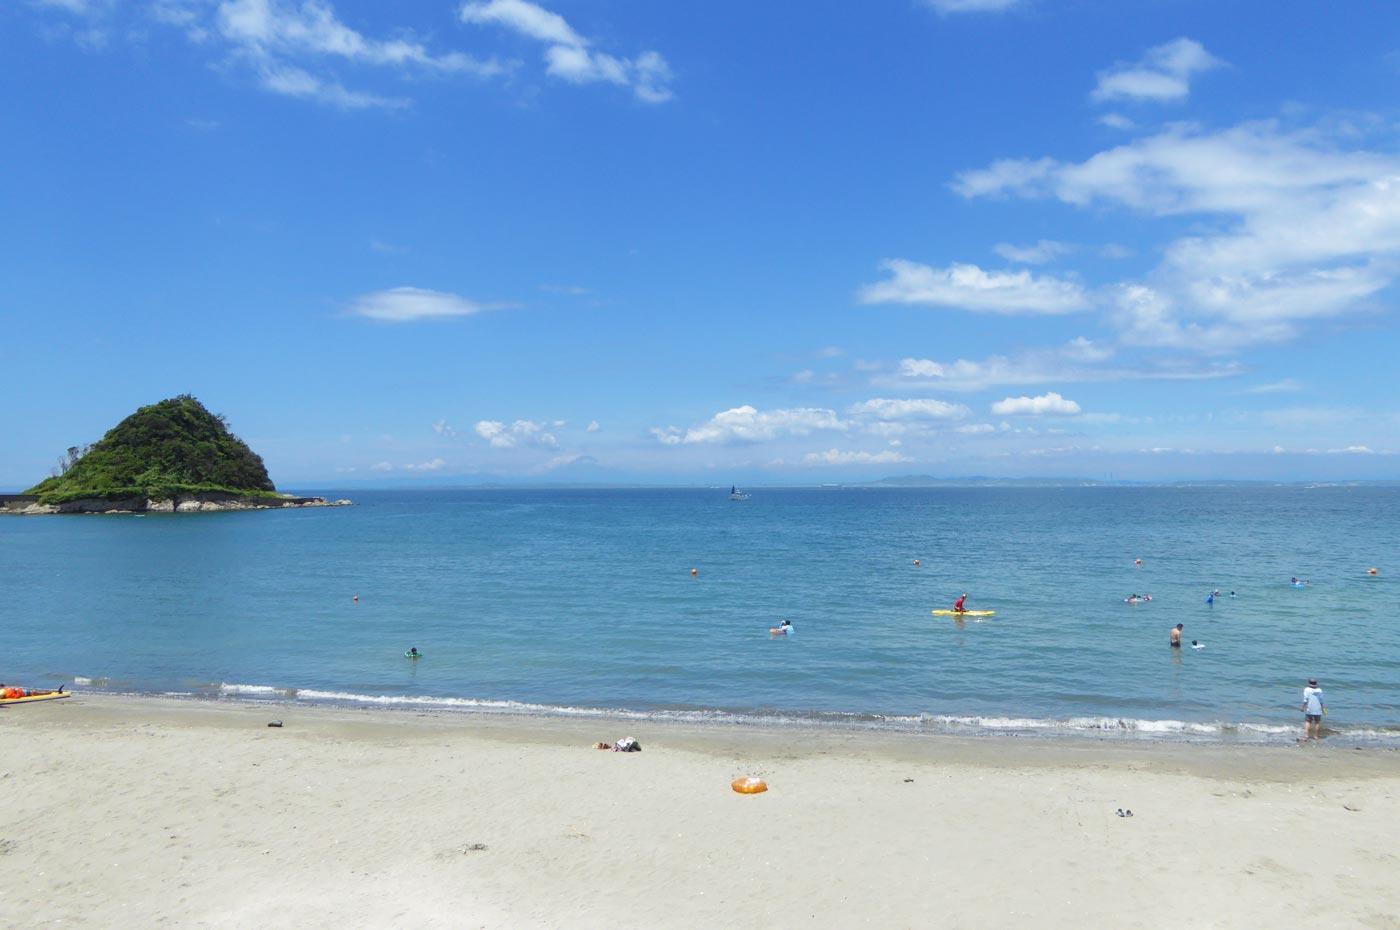 鱚ケ浦海水浴場から真珠島を望む